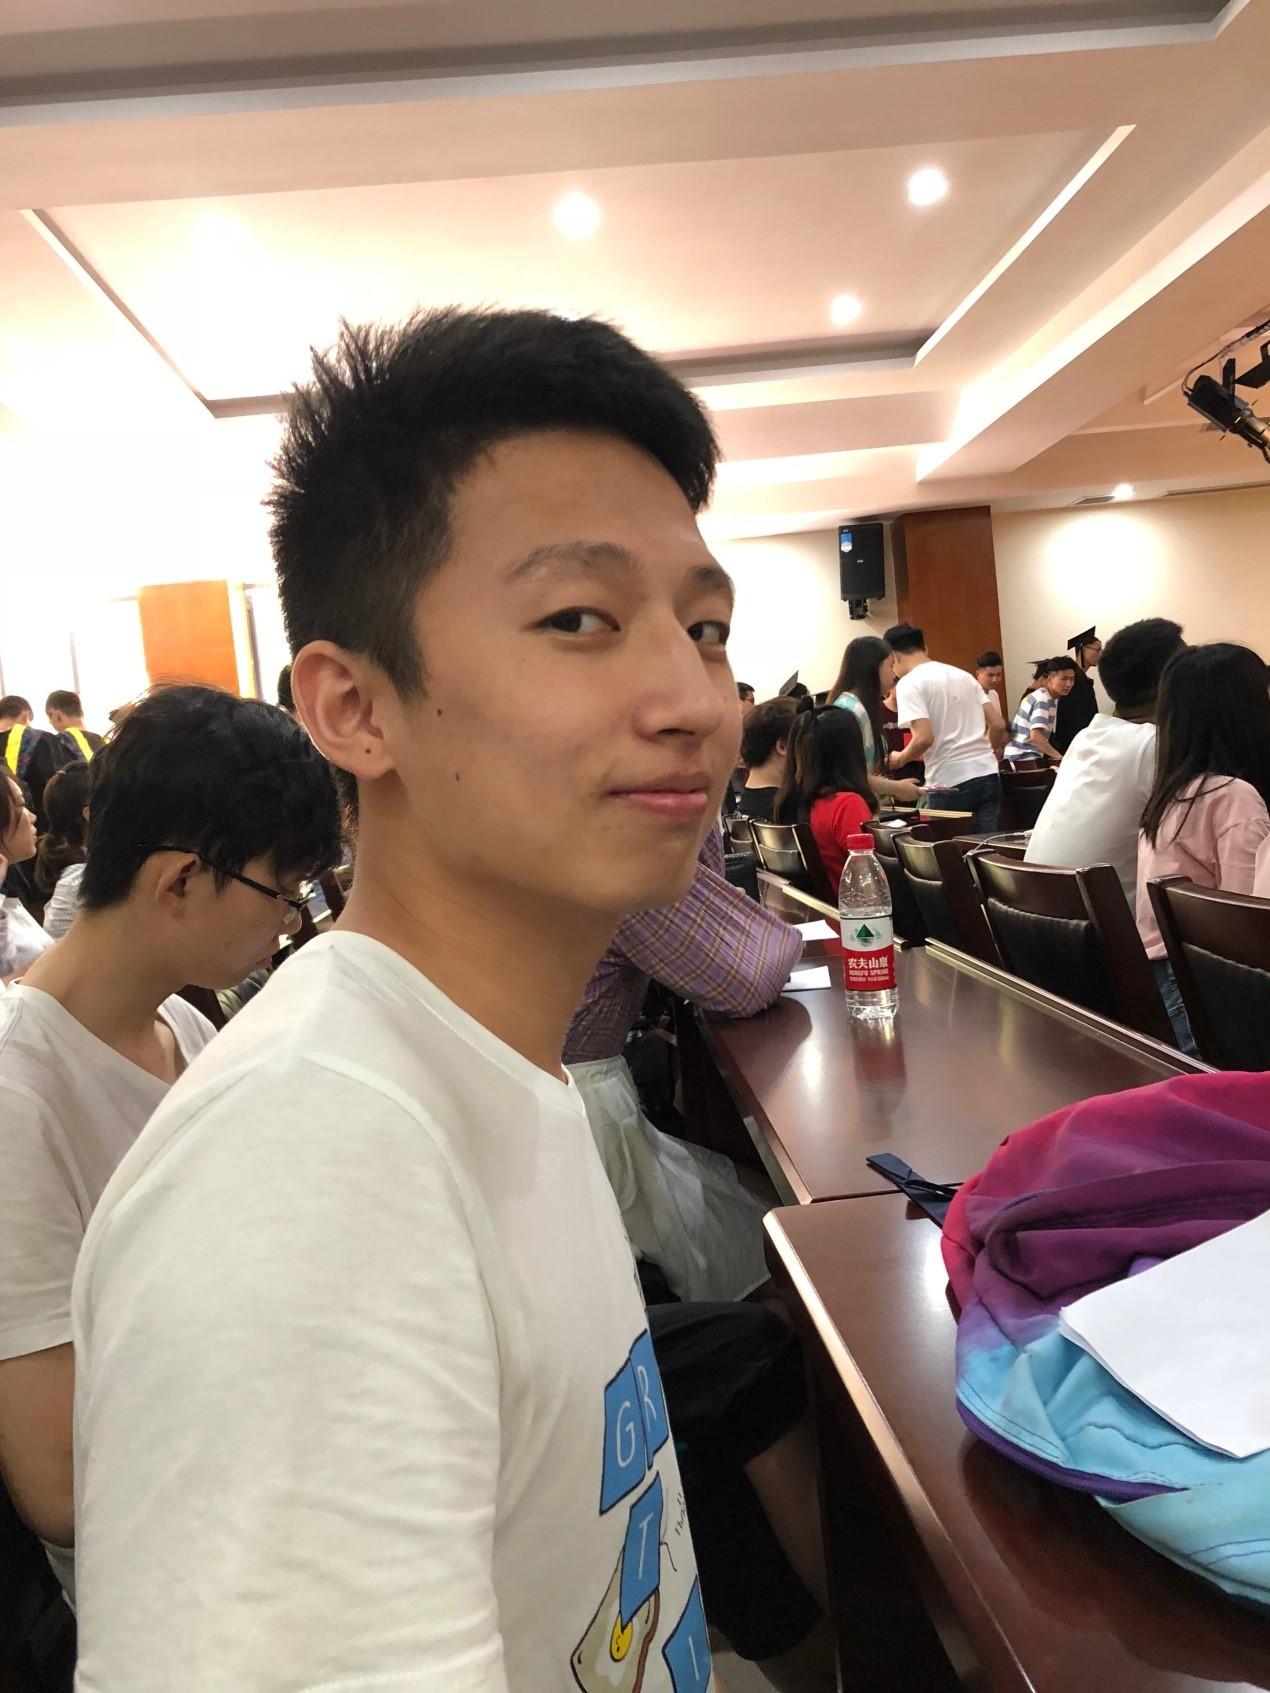 Zheyi Zhou